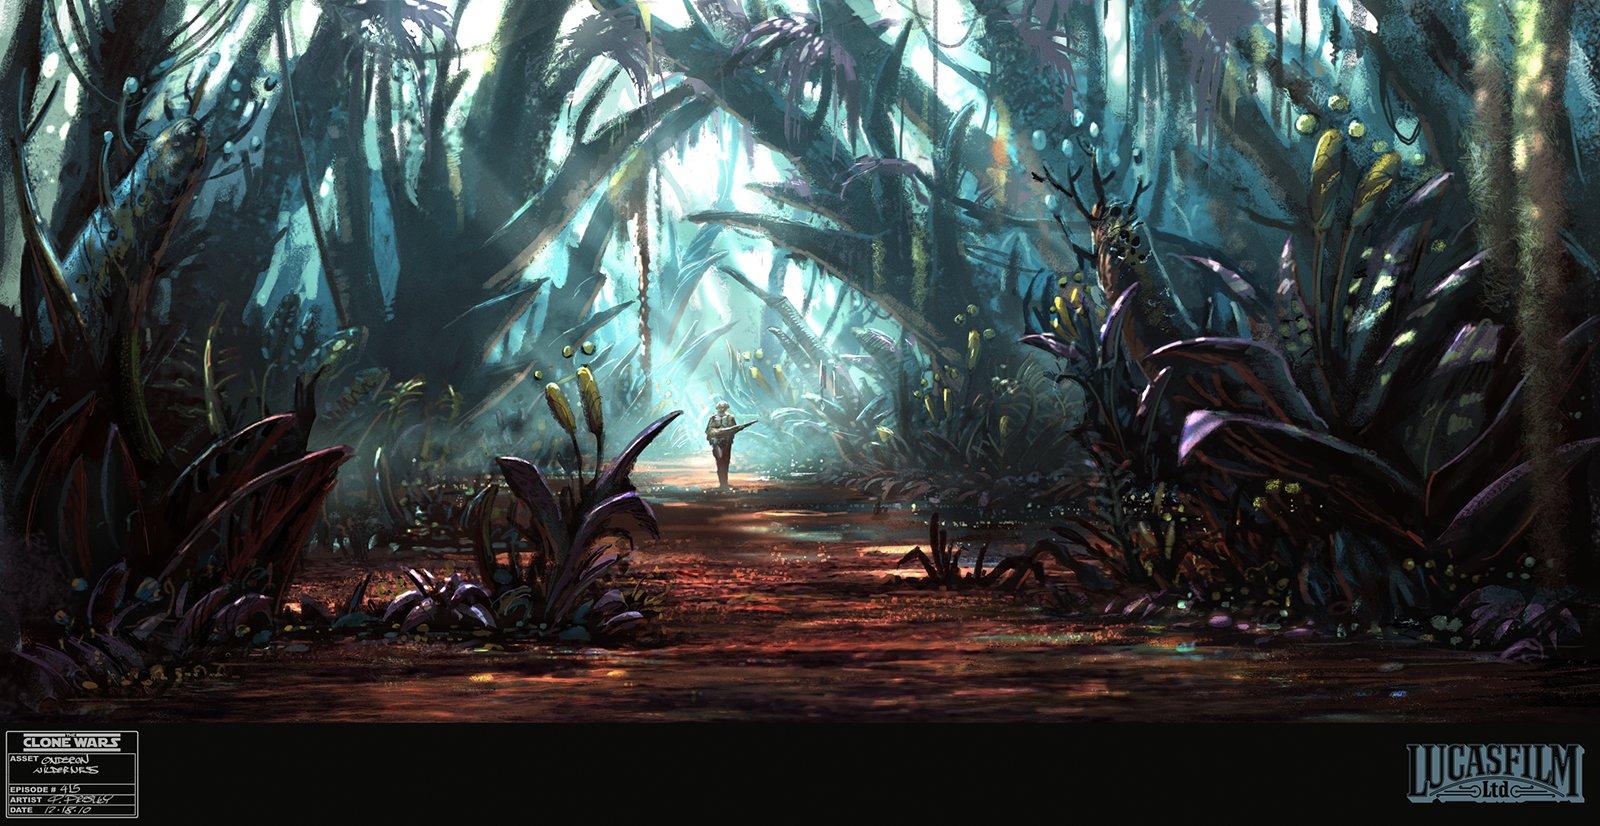 Pat presley ep415 onderon wilderness 01b